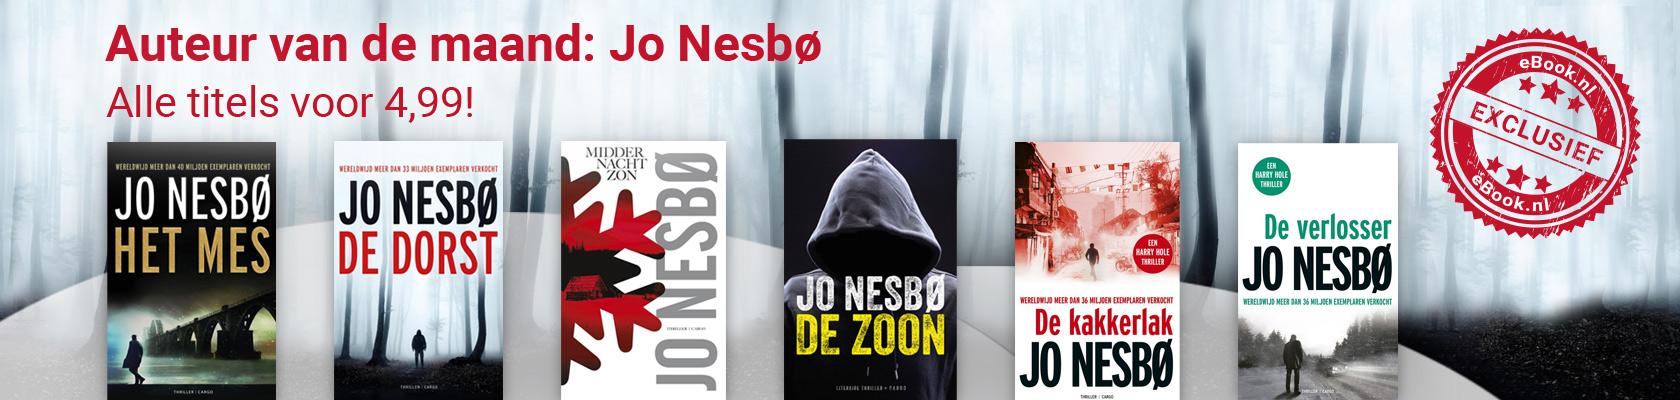 Auteur van de maand: Jo Nesbø